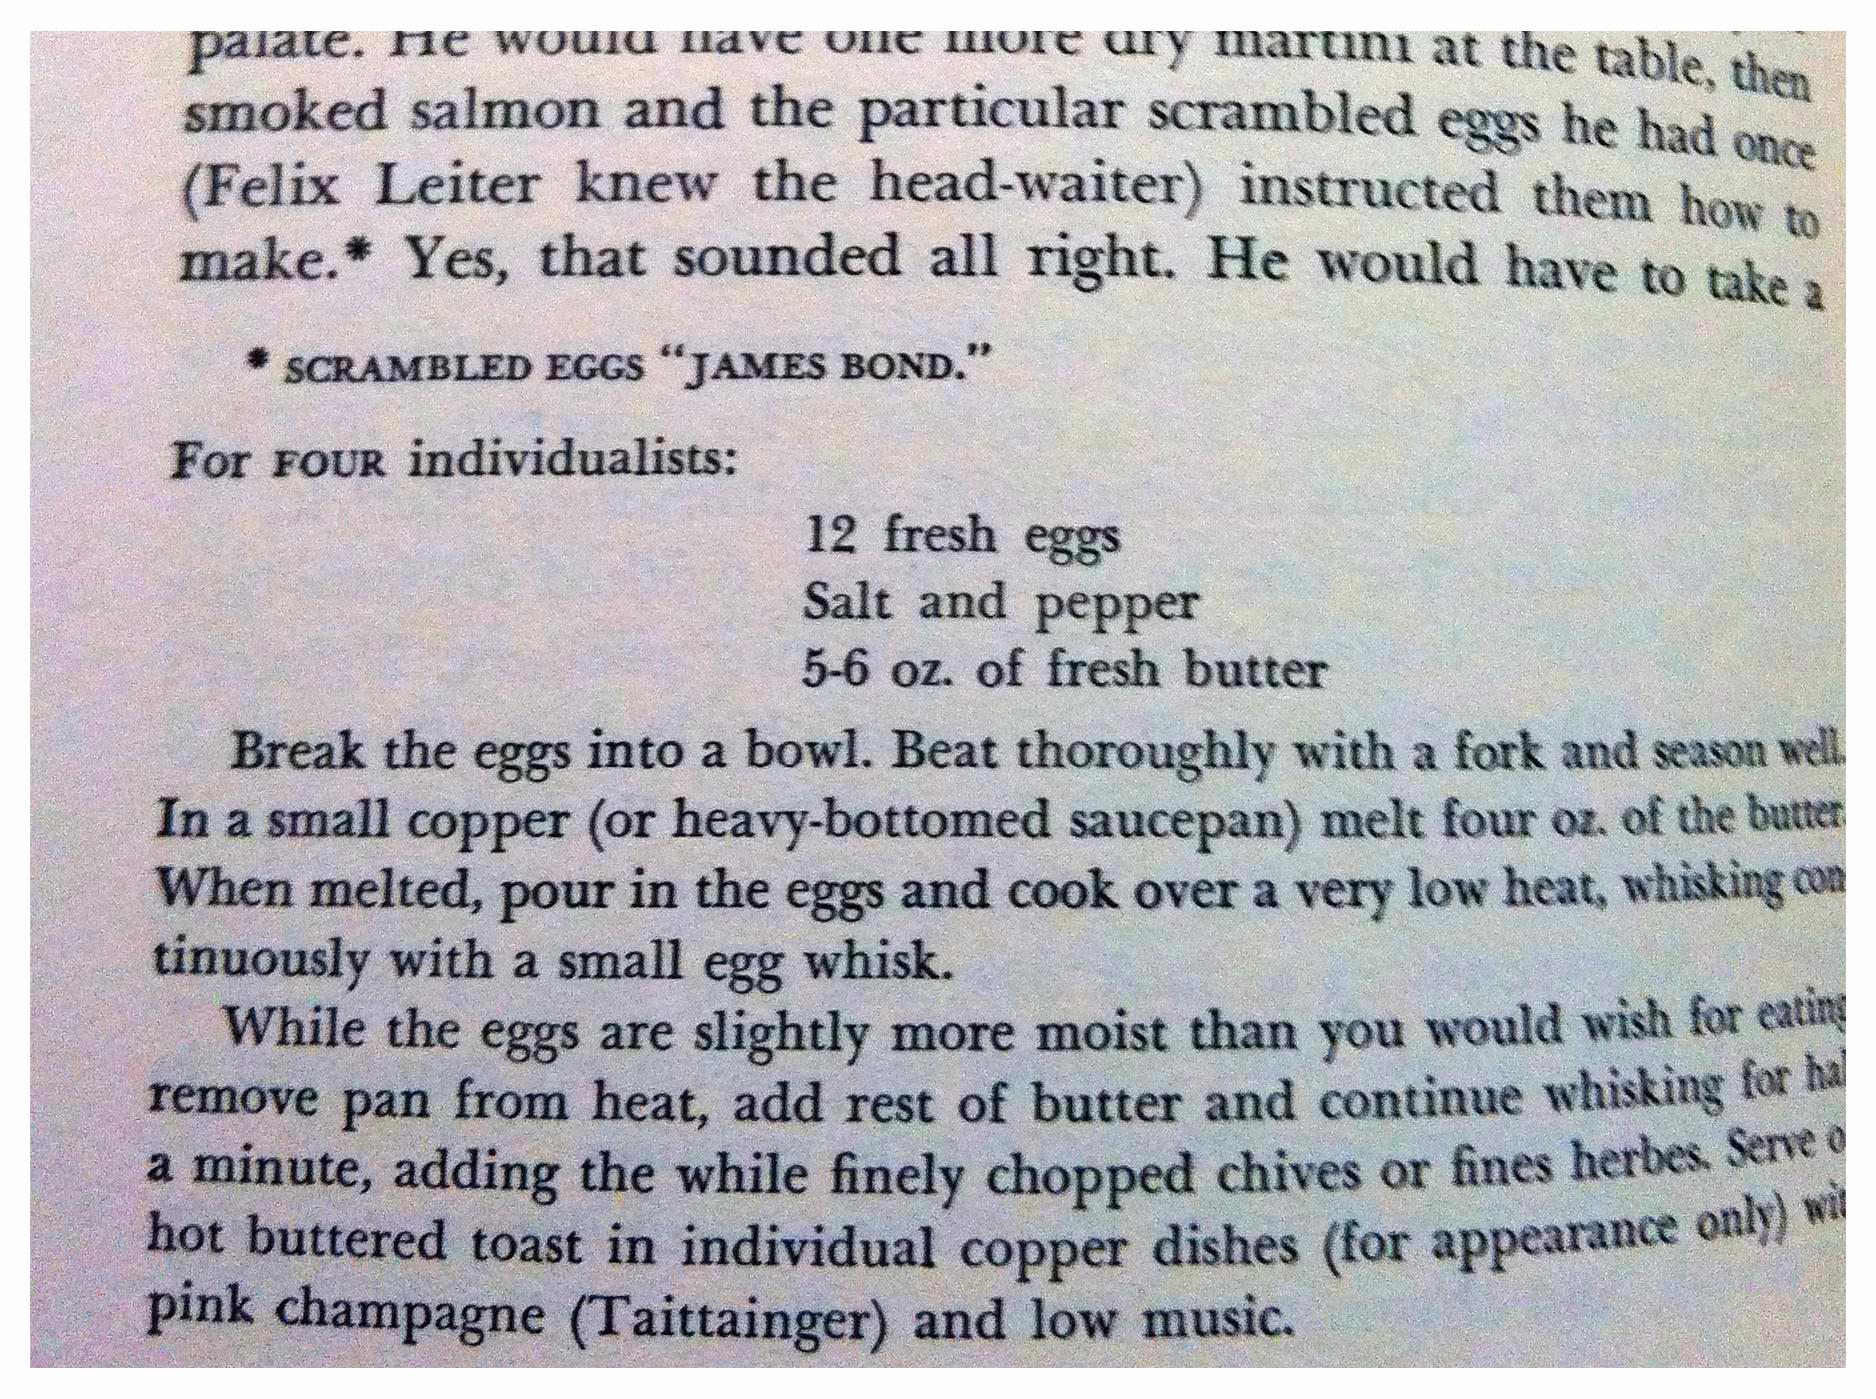 Recette favorite de James Bond pour les œufs brouillés transmise au maître d'hôtel de l'Edwardian Room du Plaza dans la nouvelle inédite  007 in New York  incluse dans l'édition américaine de  Thrilling Cities .